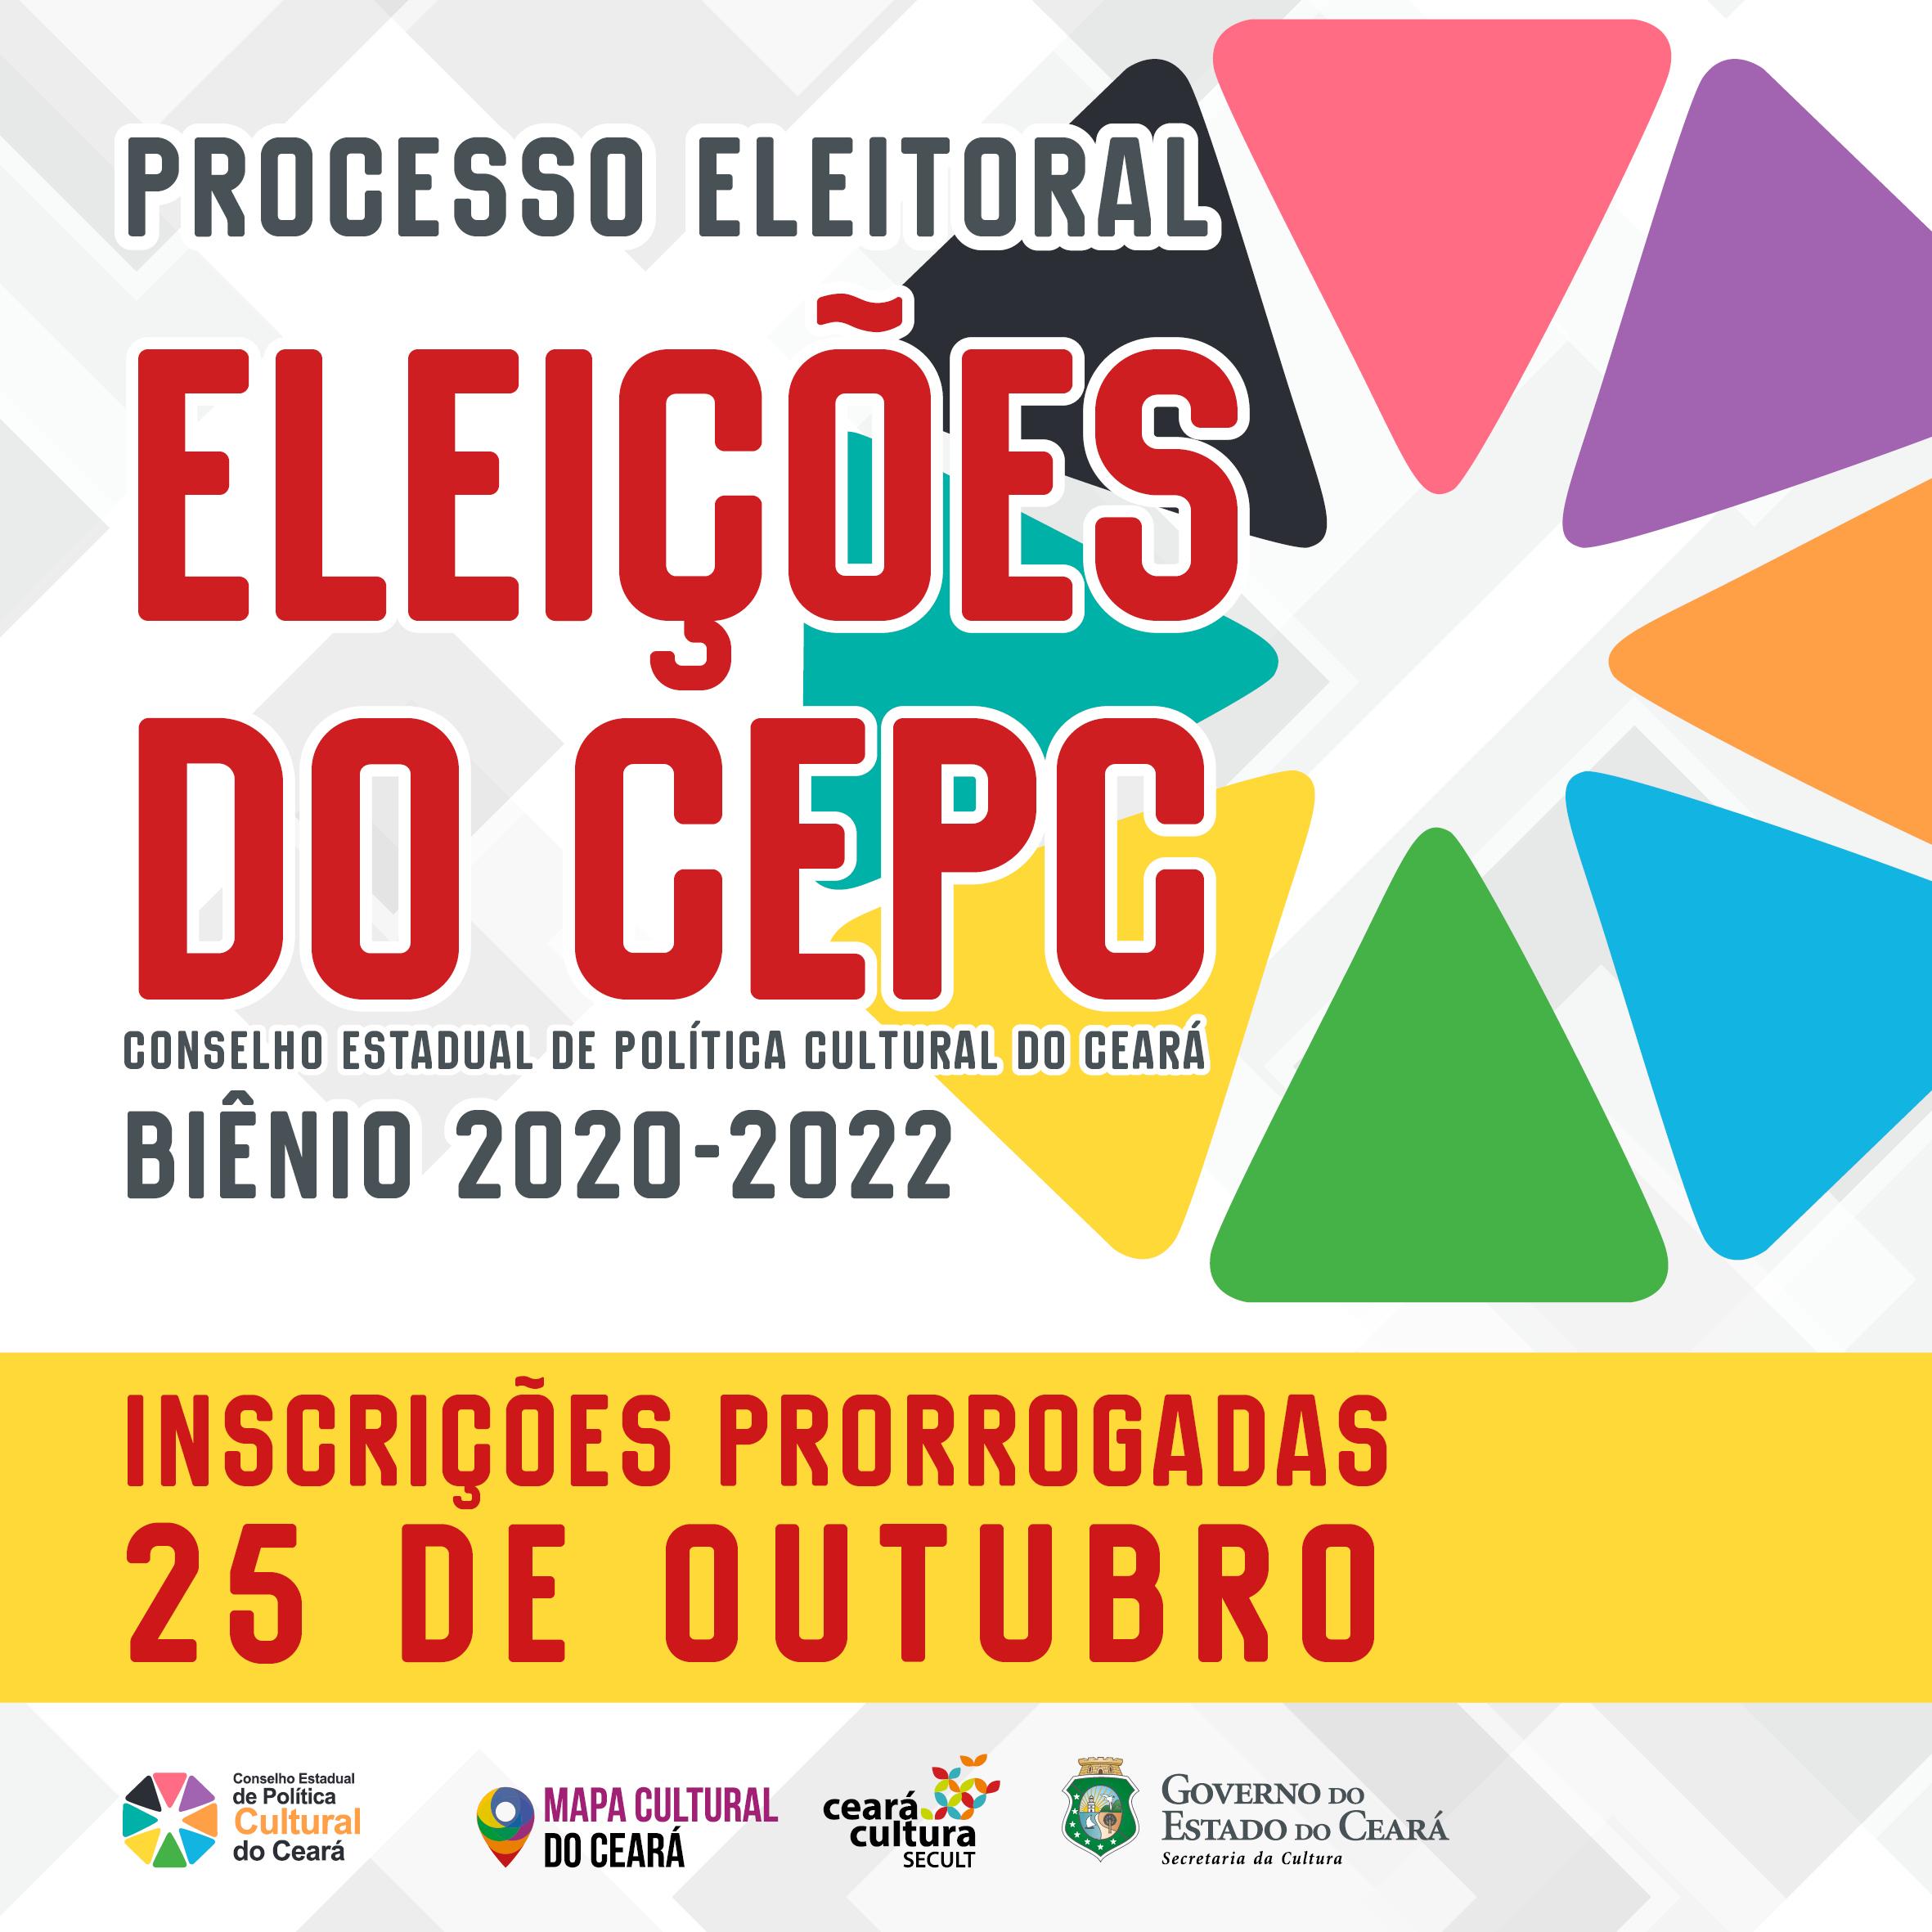 #PRORROGADO: Inscrições para as Eleições do CEPC – Biênio 2020-2022 seguem até 25/10